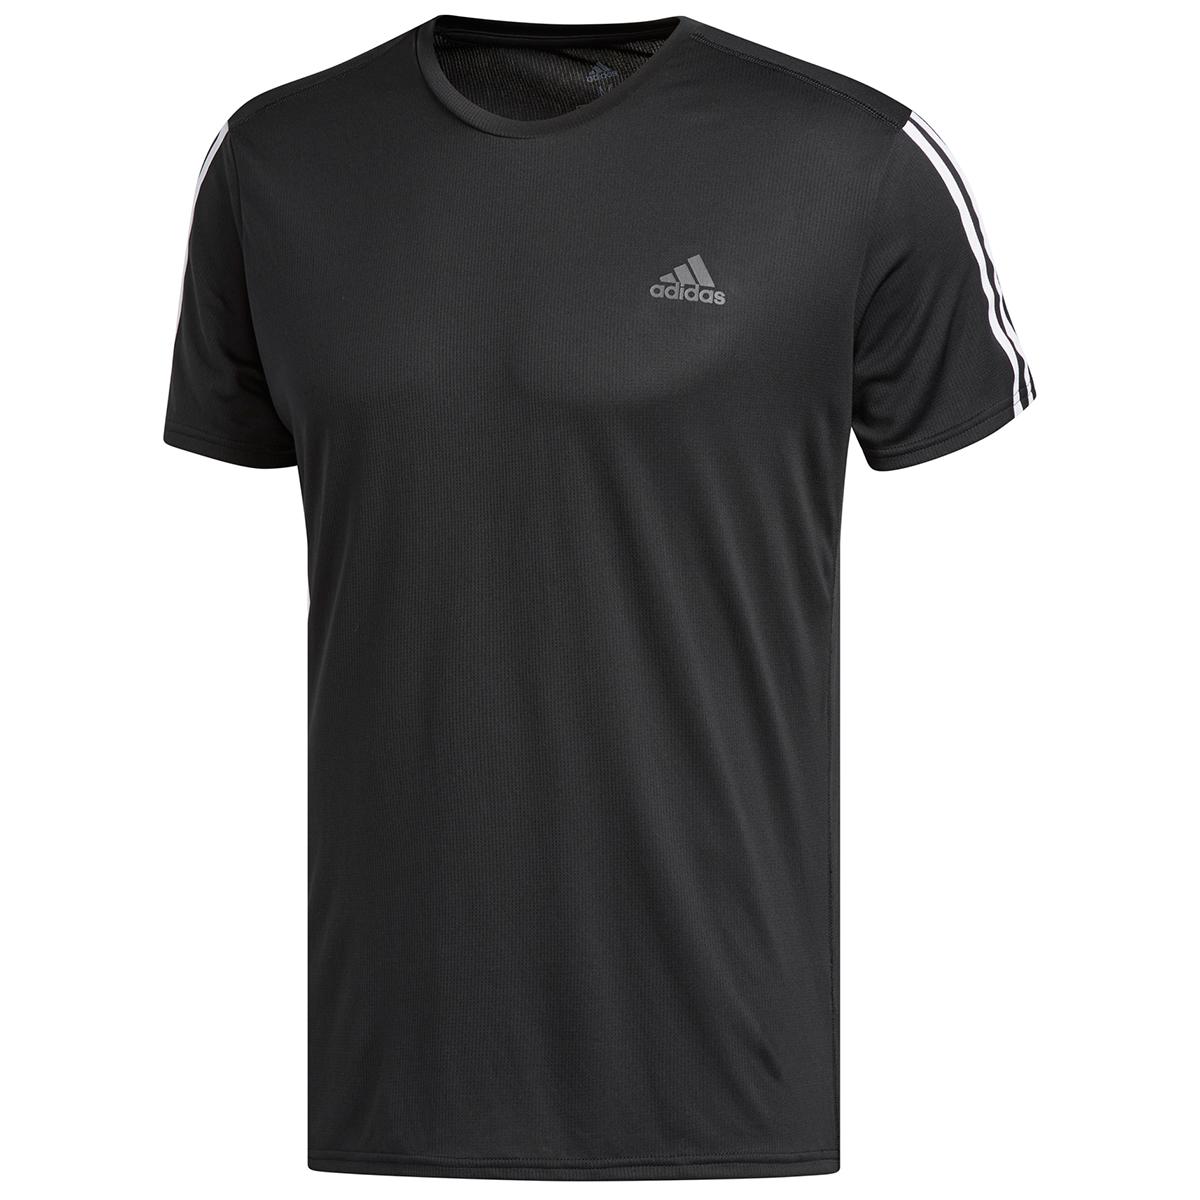 Adidas Men's 3-Stripe Running Tee - Black, M